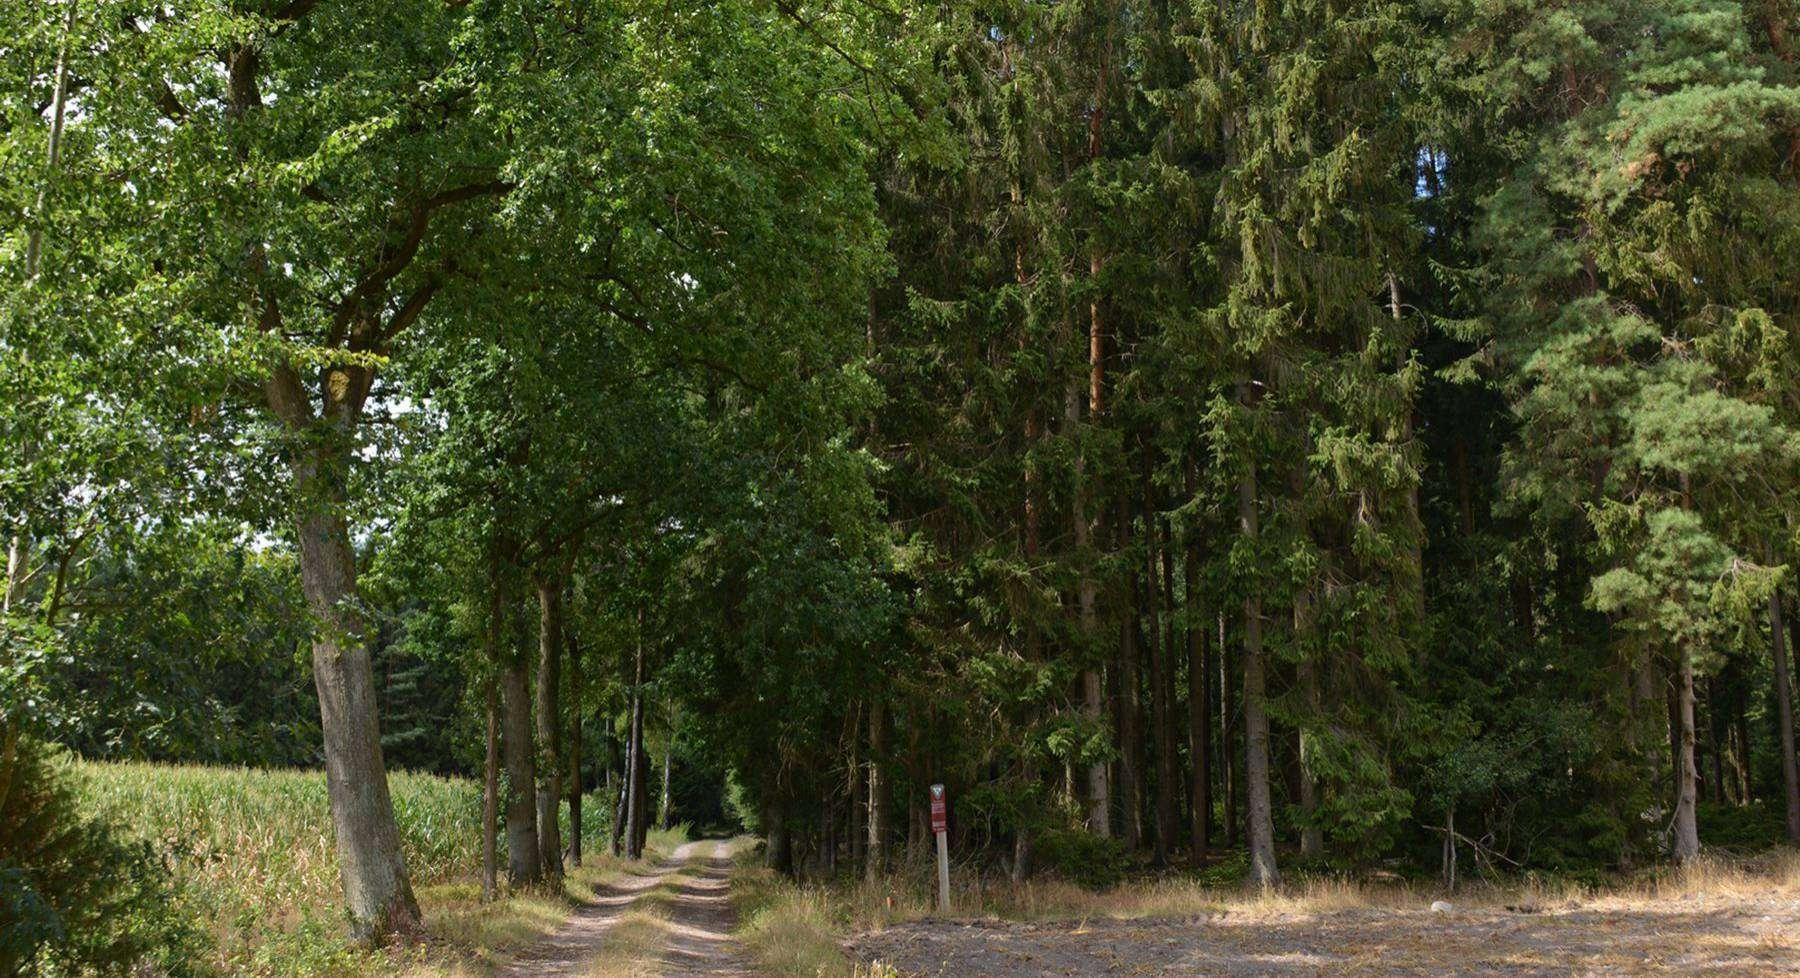 Naturschutzgebiet Ottinger Ochsenmoor bietet ein nicht standorttypischem Nadelforststück. Foto: Joachim Looks